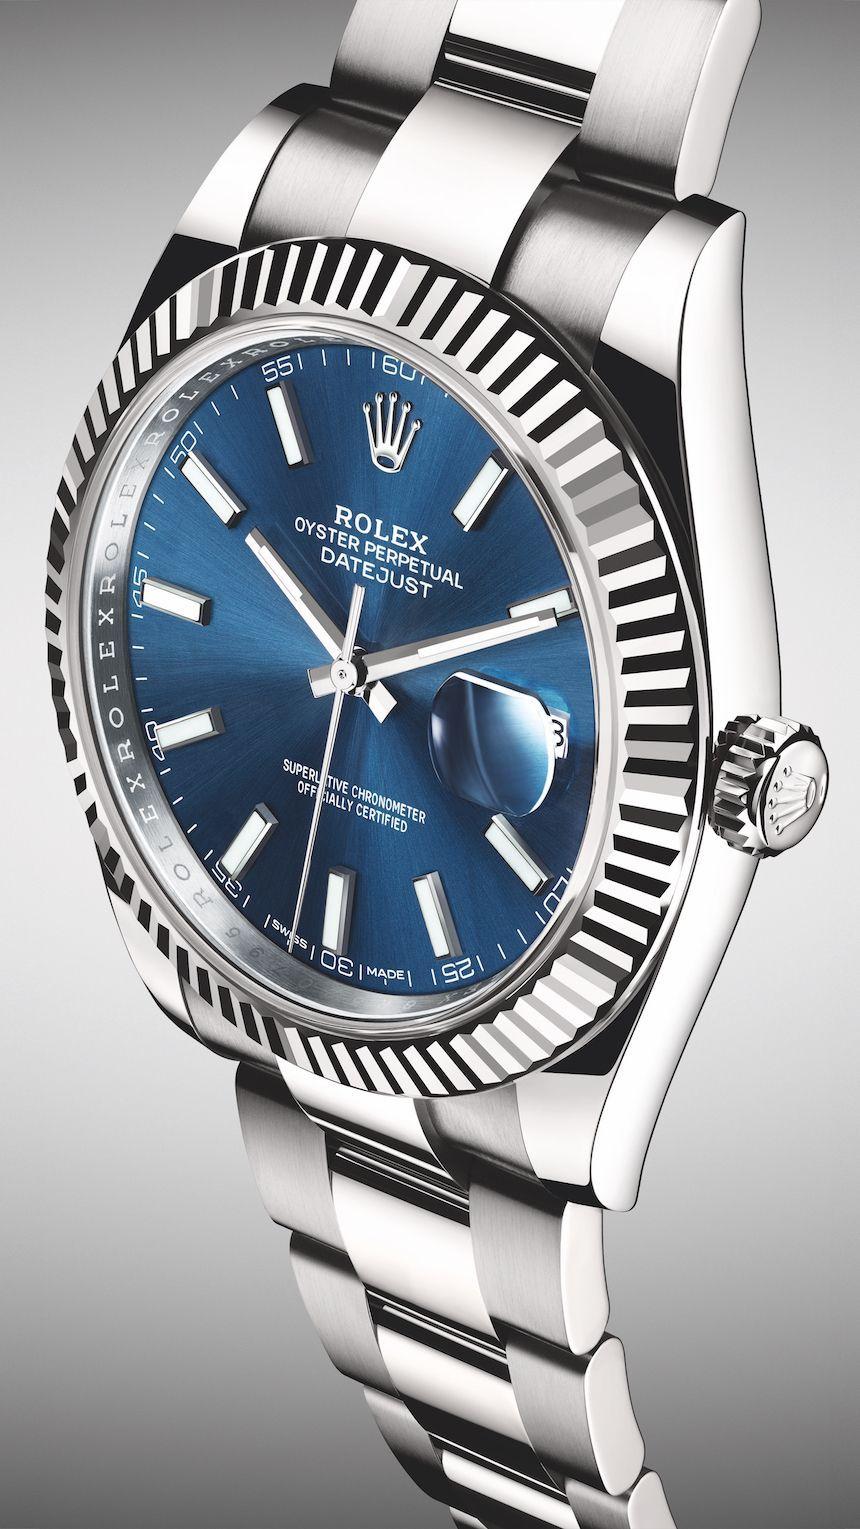 Rolex Datejust 41 126334 Collection  #rolexwatches